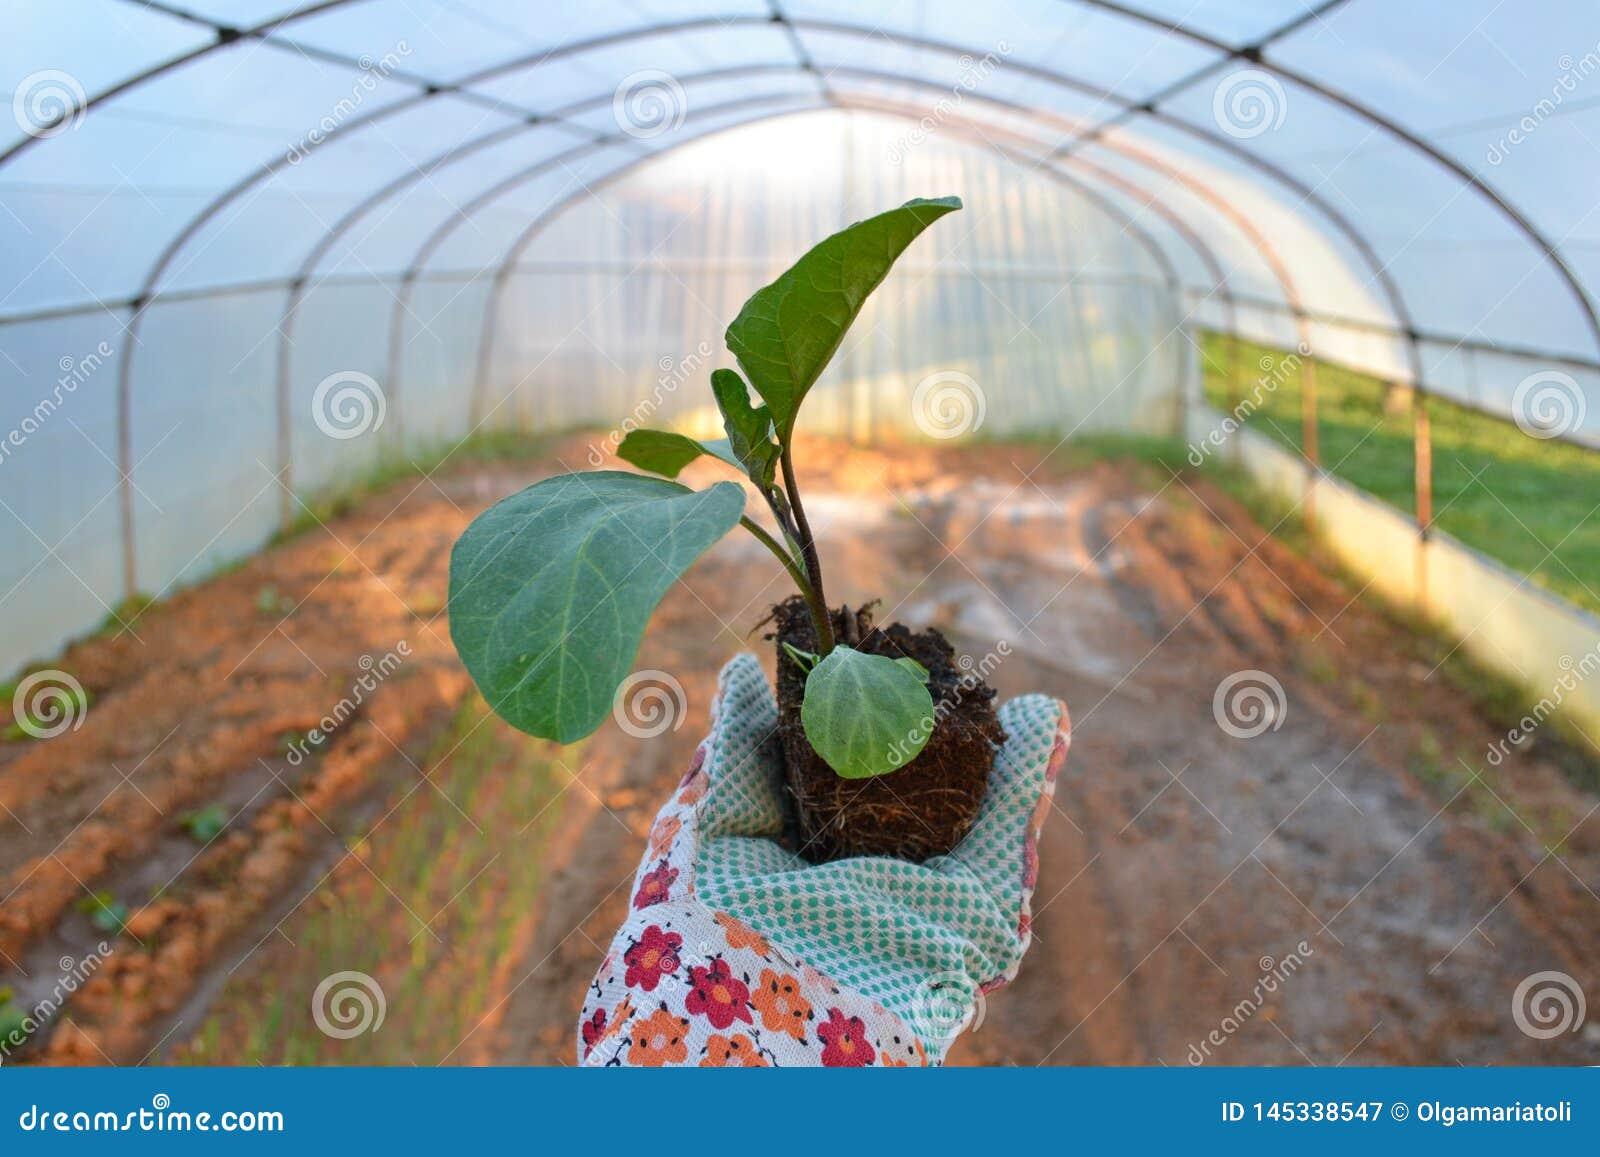 Préparez pour planter une aubergine